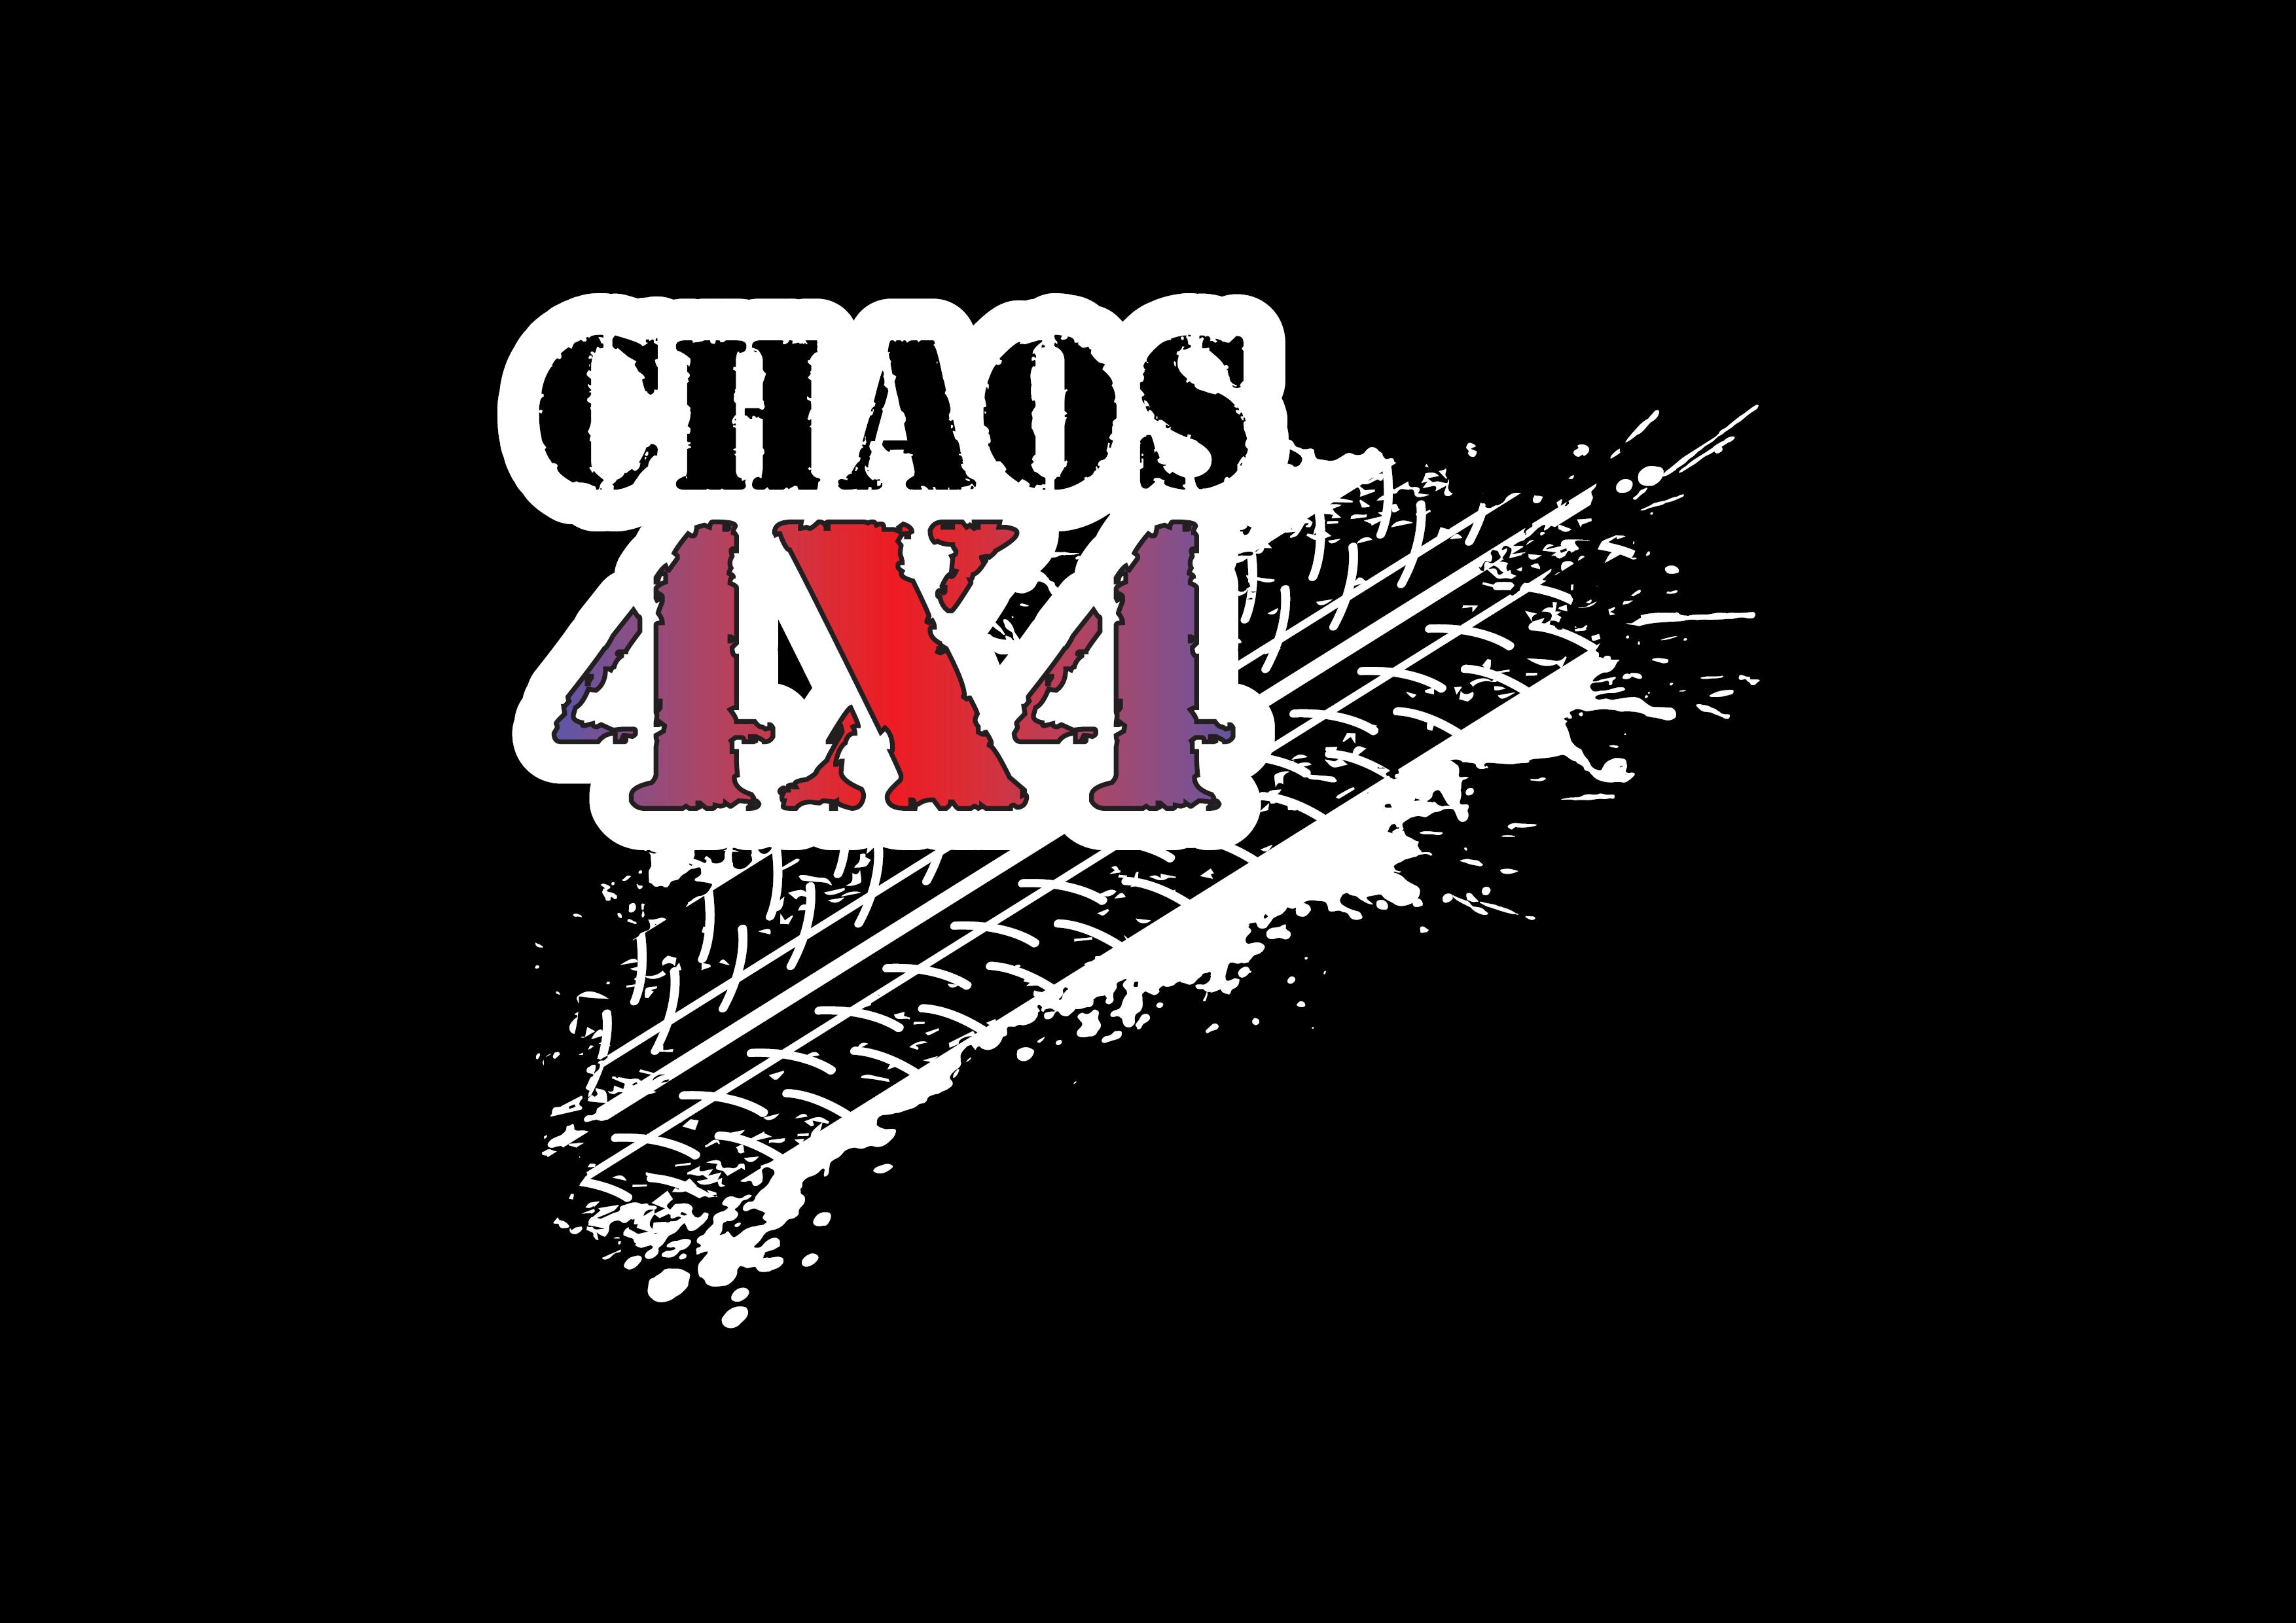 Chaos 4X4